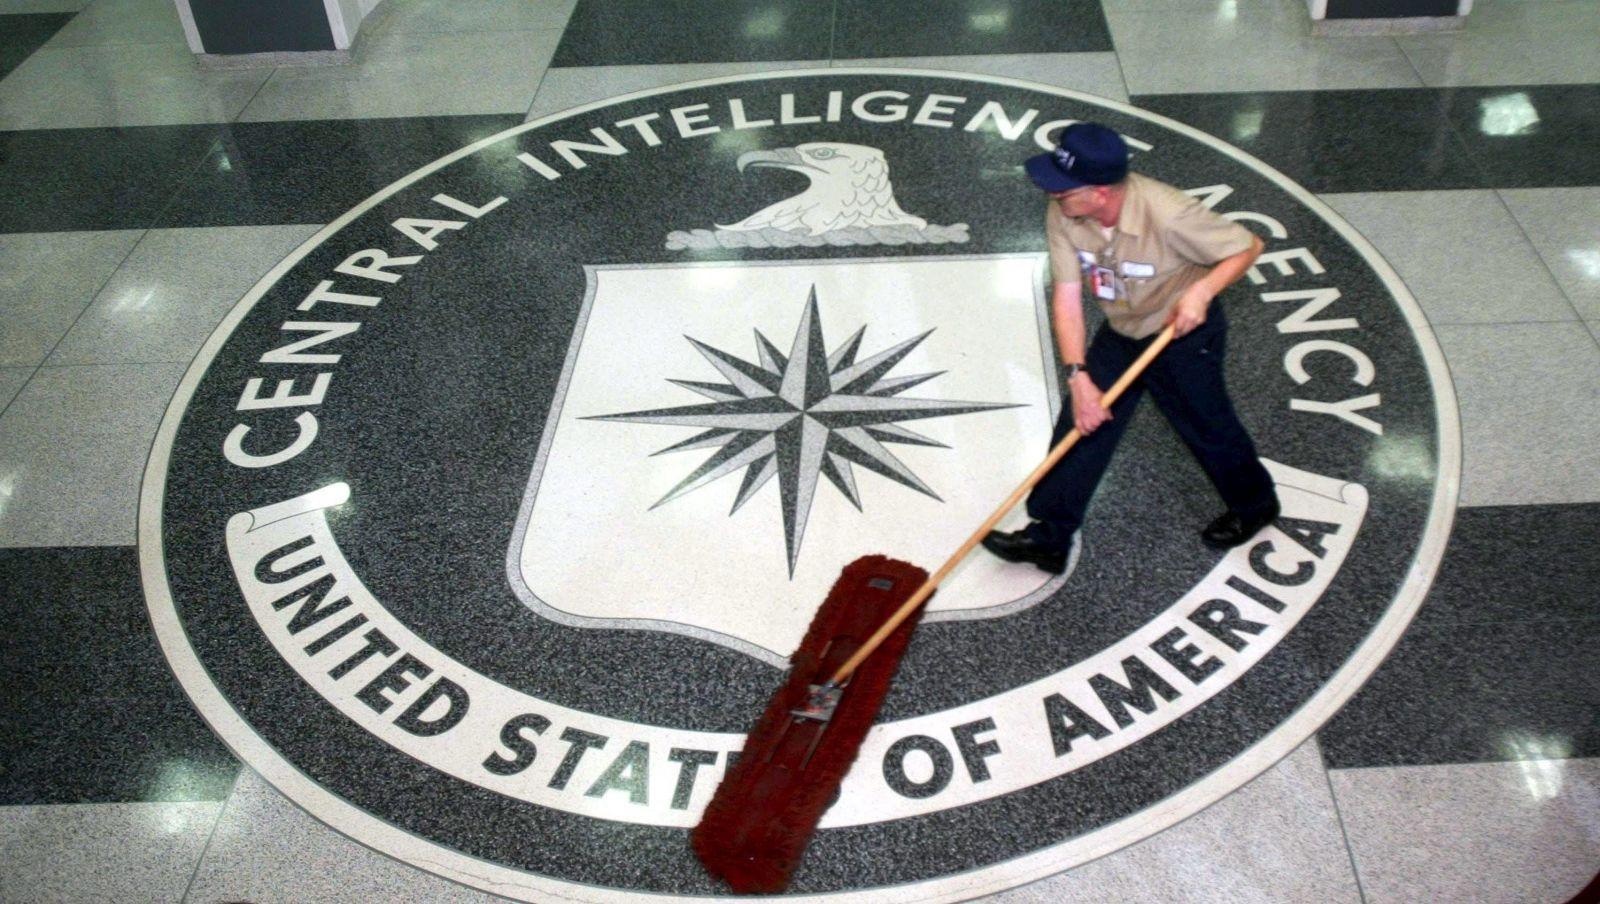 Jurus Biden Jinakkan CIA, Cepat dan Senyap!